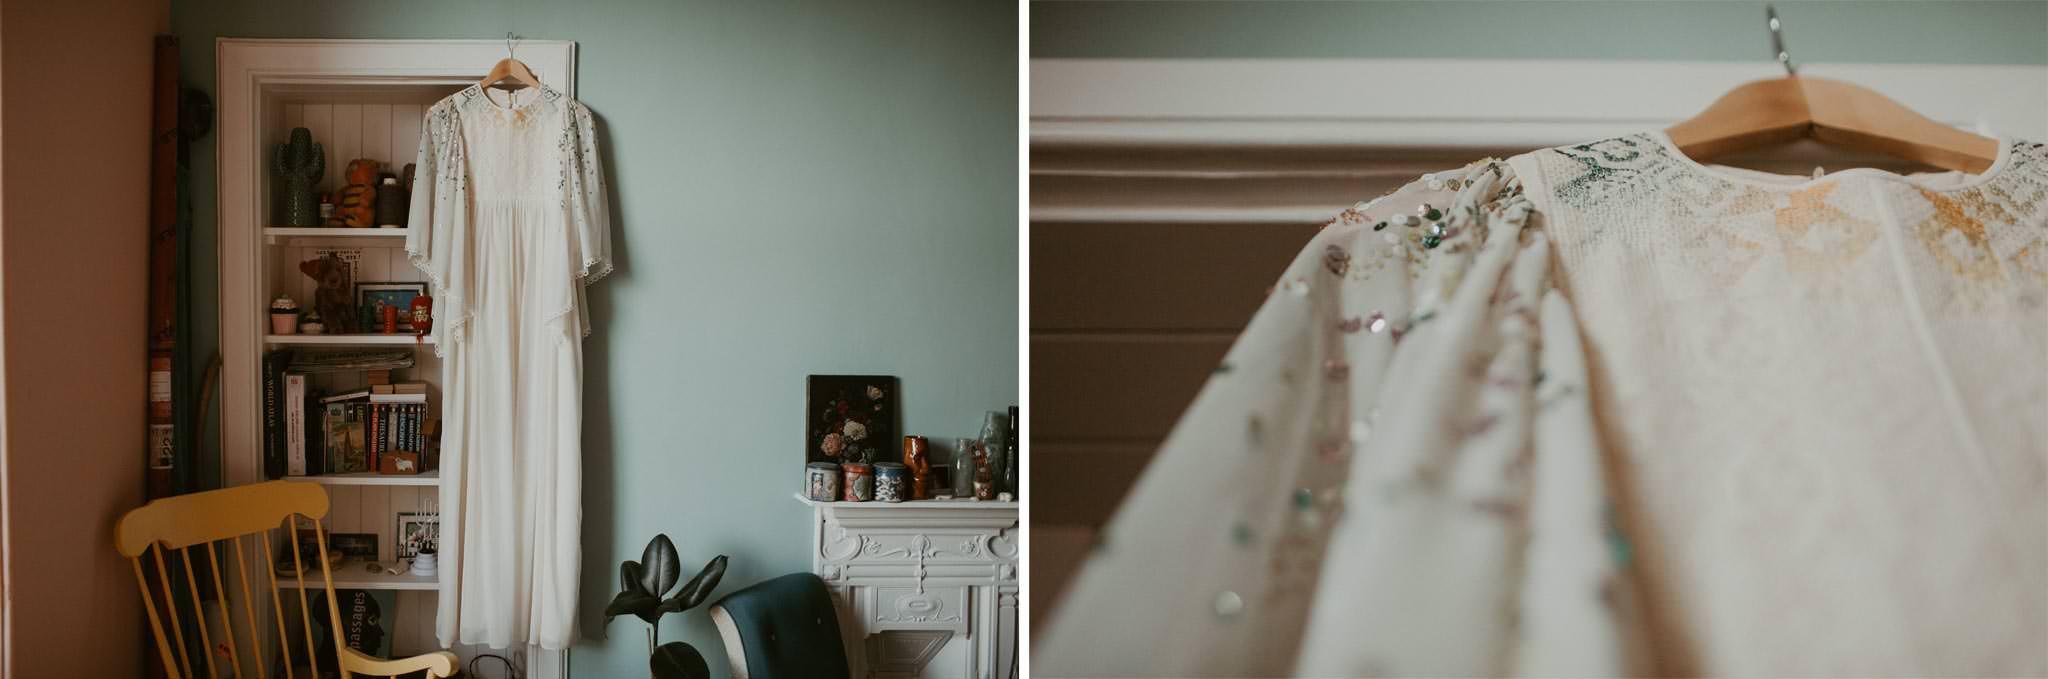 scottish-wedding-photography-010